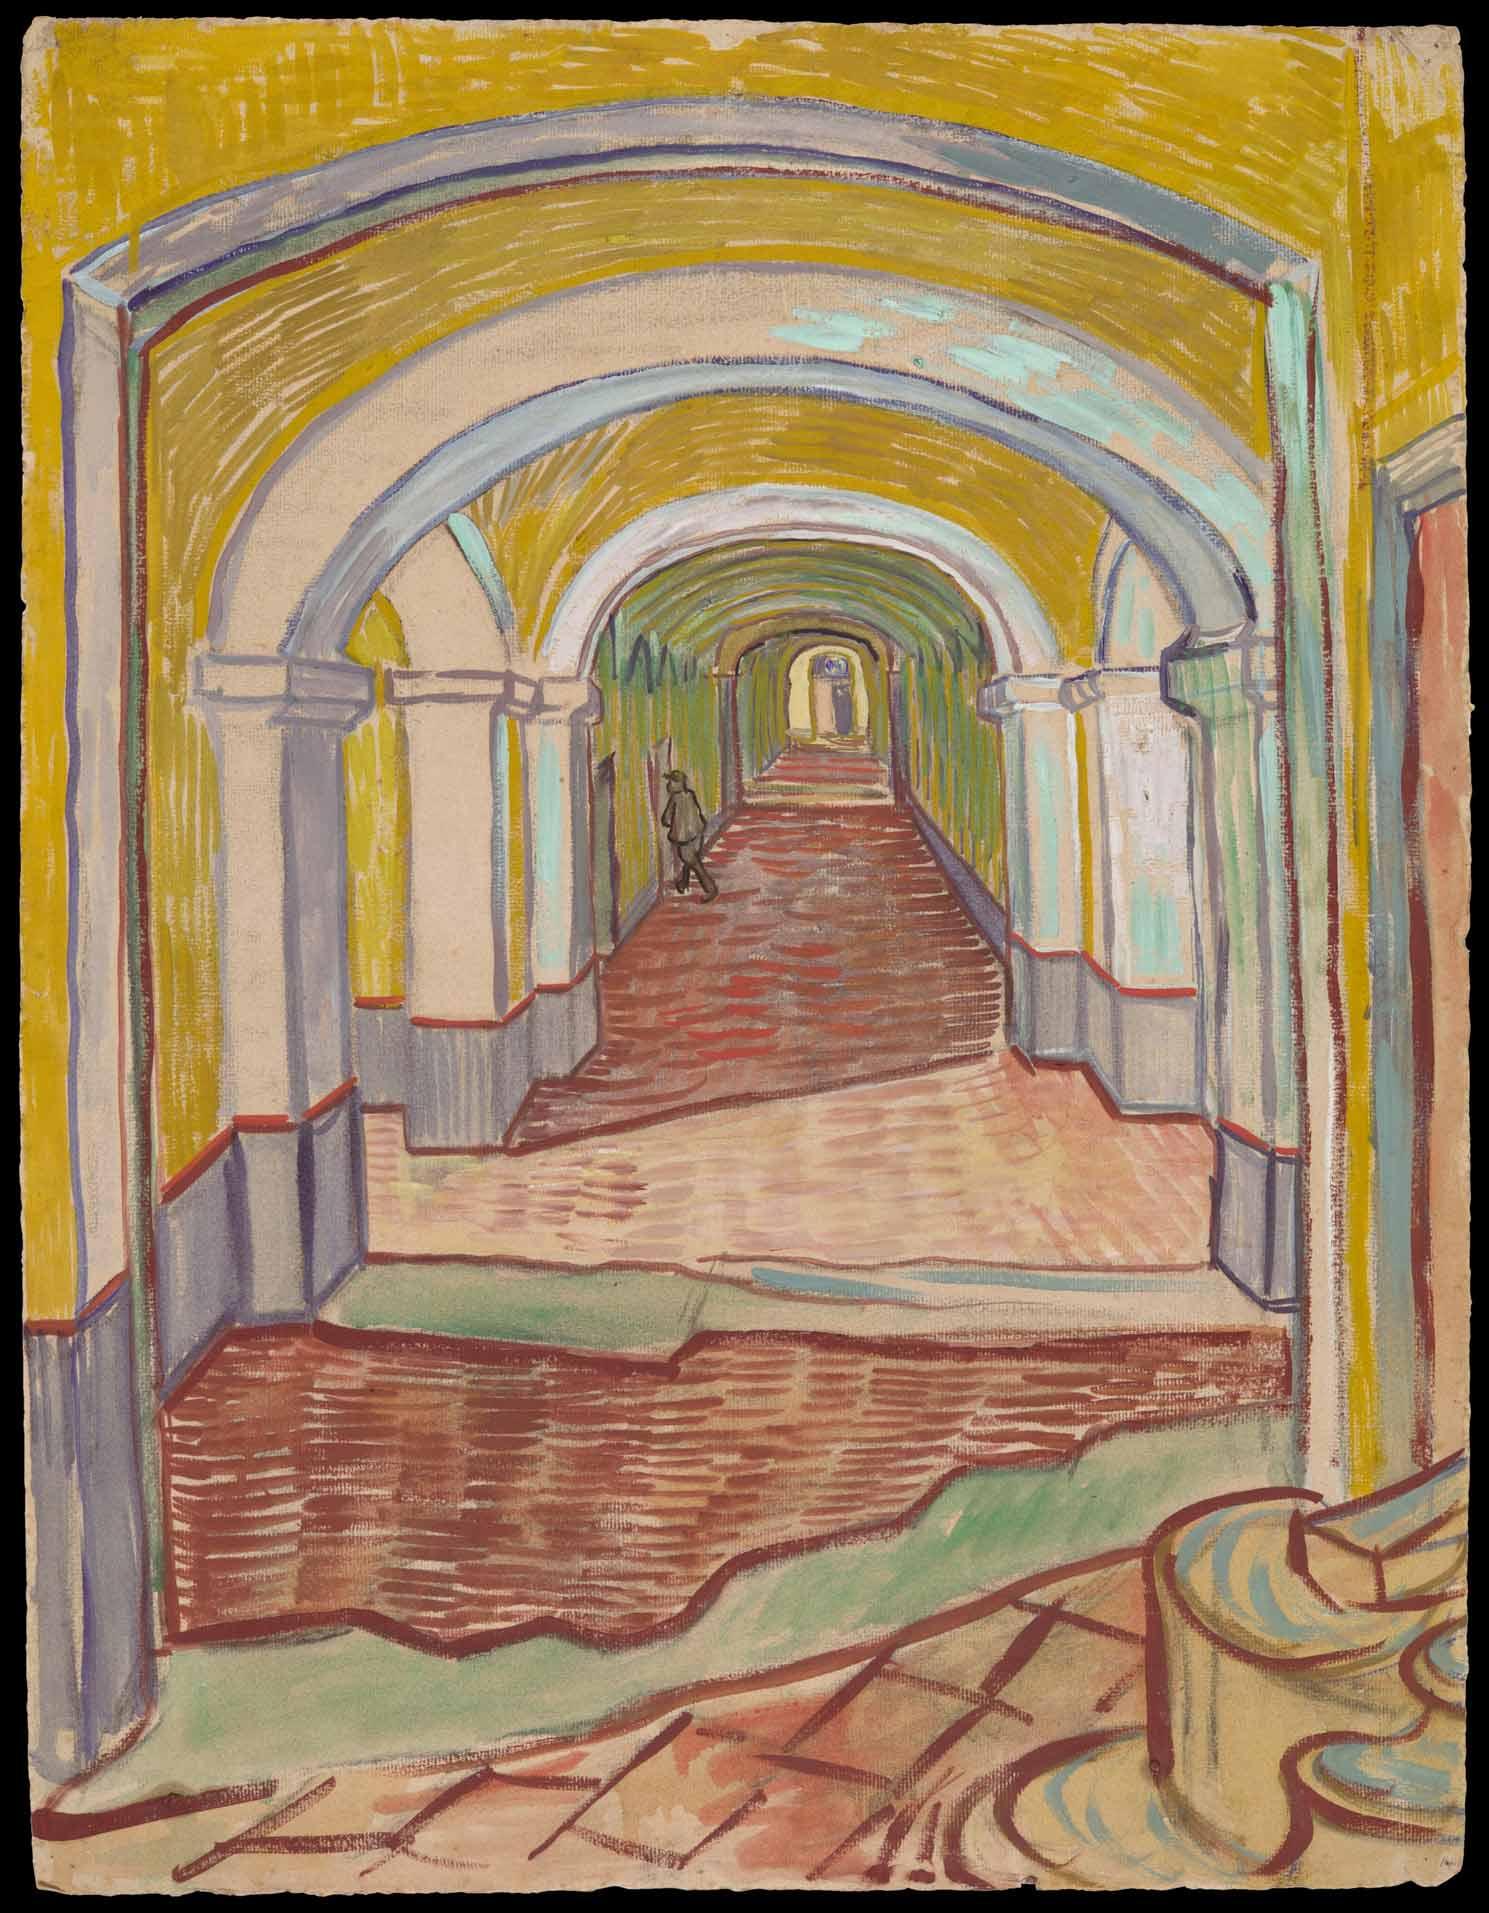 5-Van-Gogh-Corridor-in-the-Asylum-1889